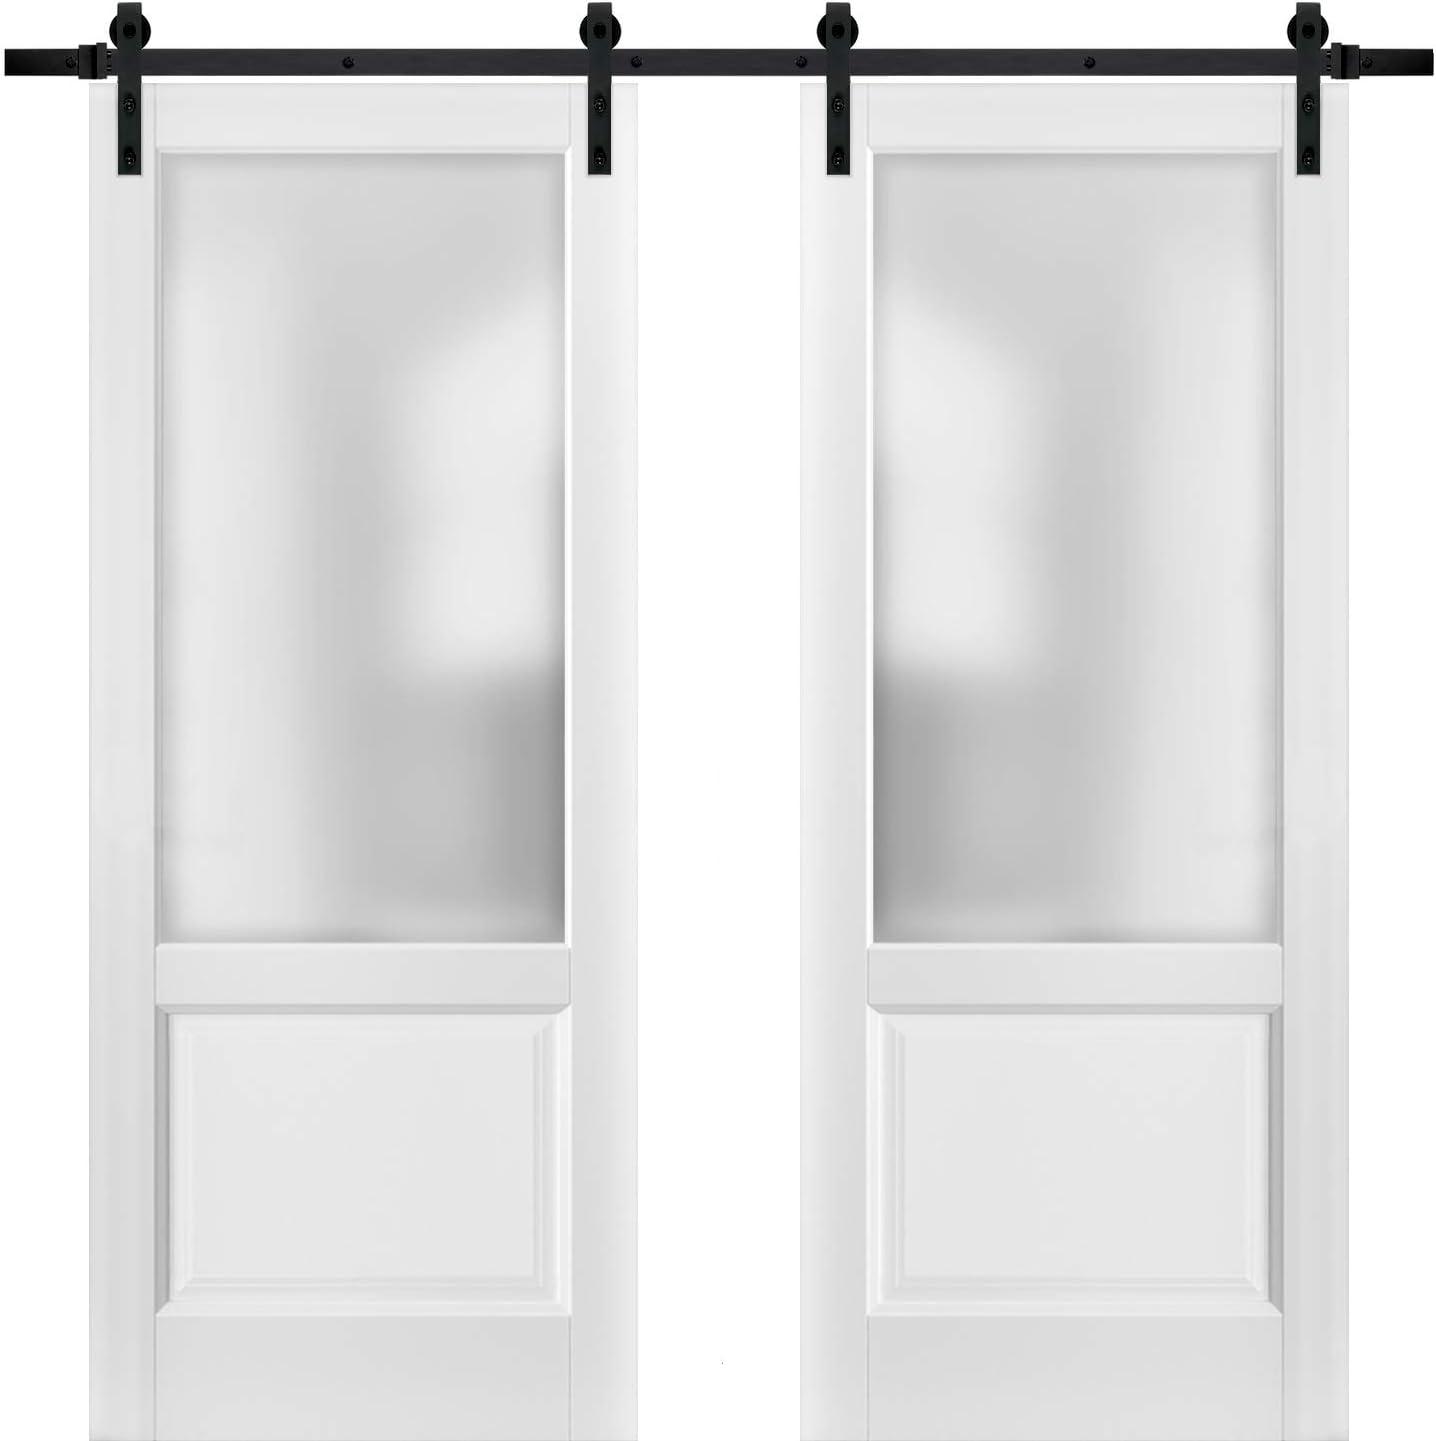 Puertas correderas de granero doble con herrajes | Lucia 22 blanco mate con vidrio opaco esmerilado | Juego resistente de raíl superior de 13 pies | Kitchen Lite panel de madera maciza